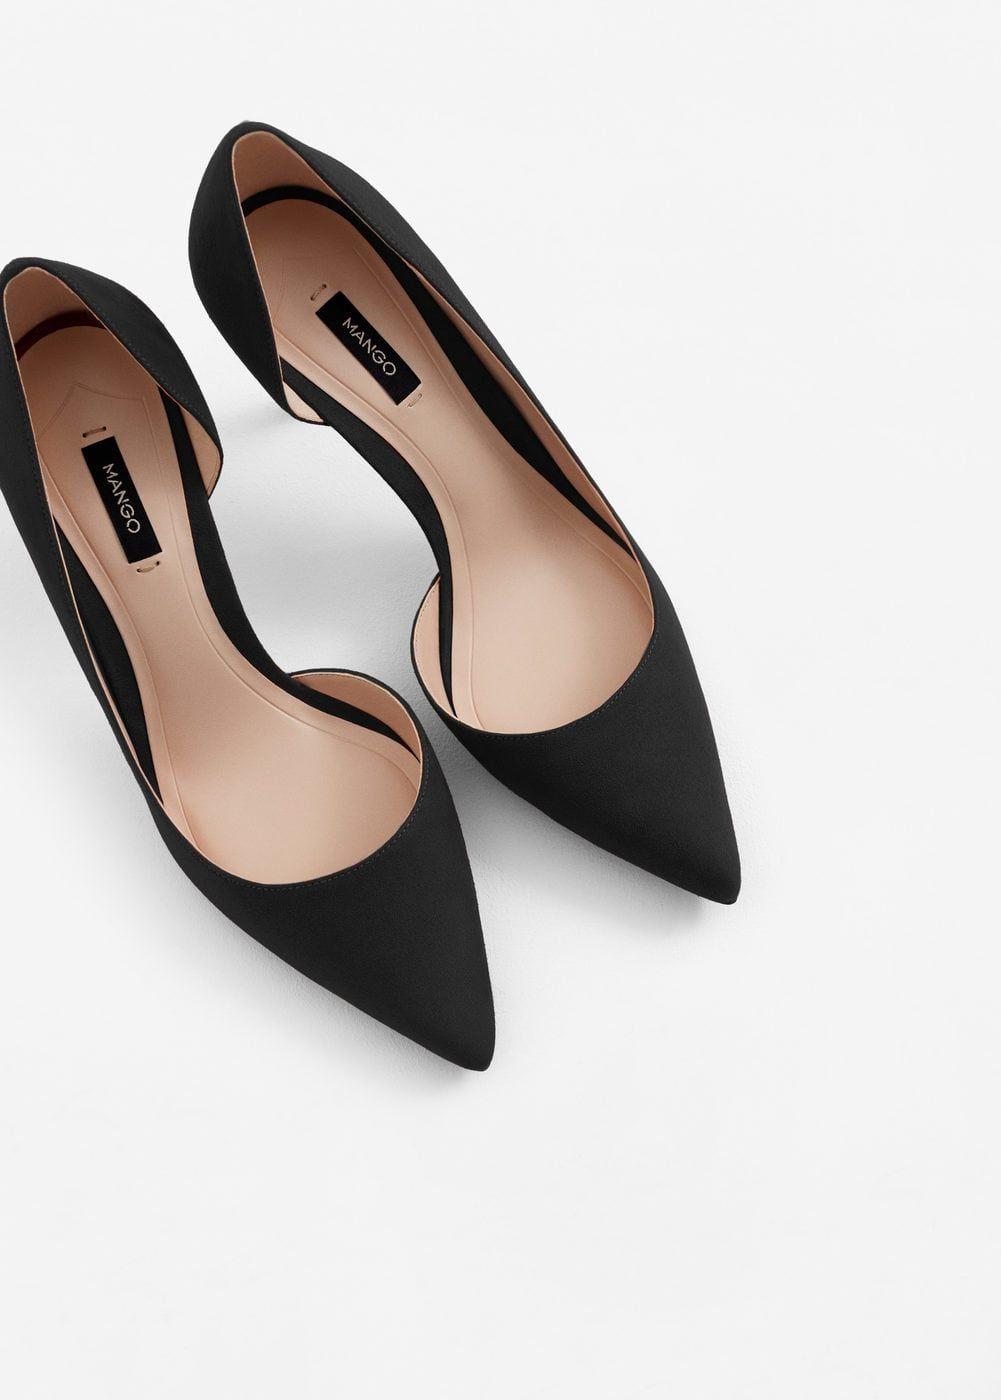 Stiletto shoes, Mango shoes, Heels